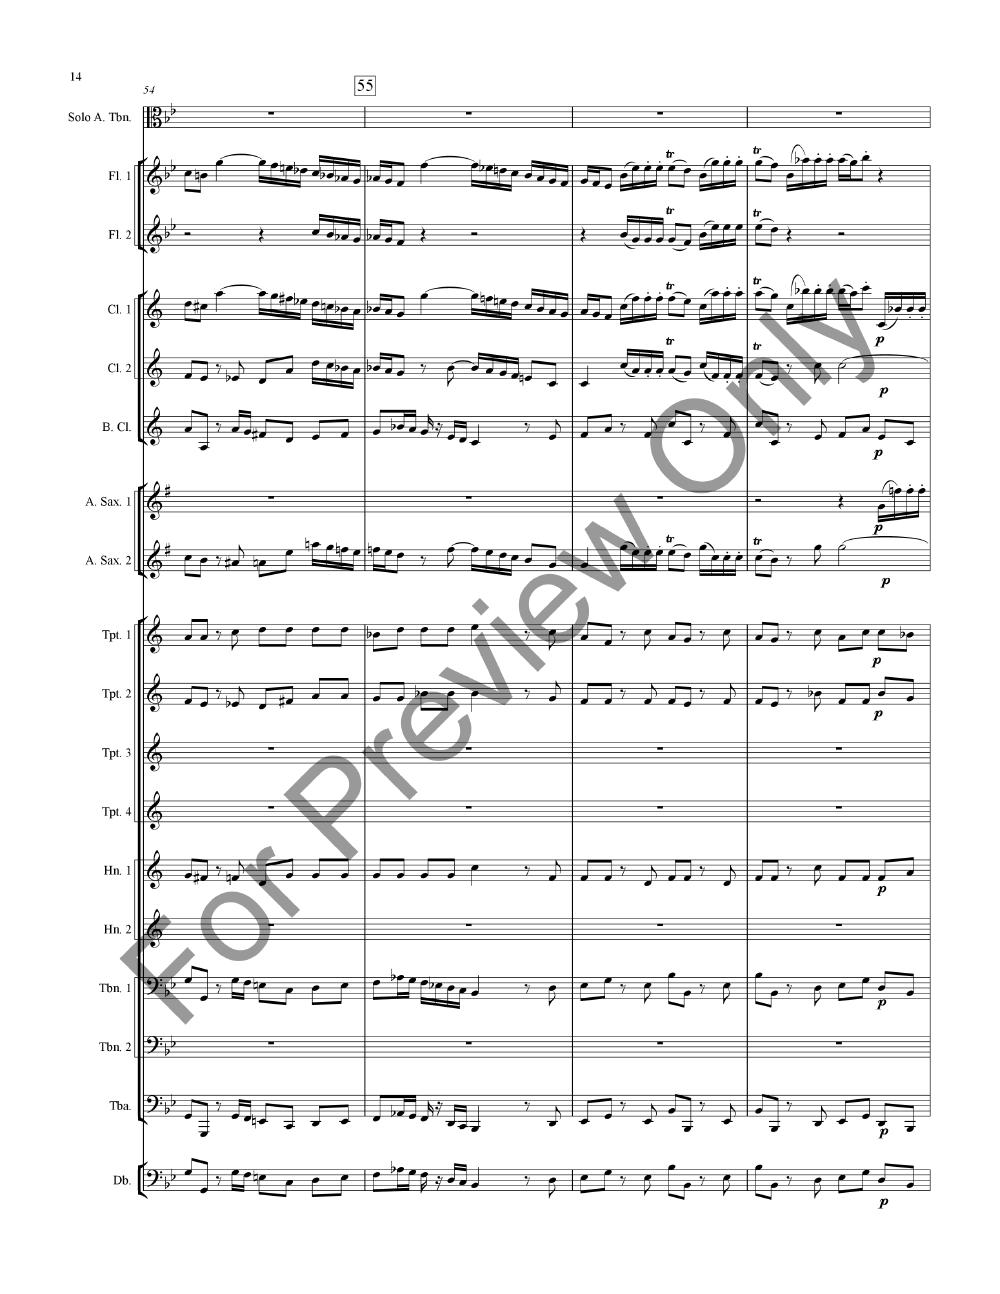 Concerto for Alto Trombone Thumbnail